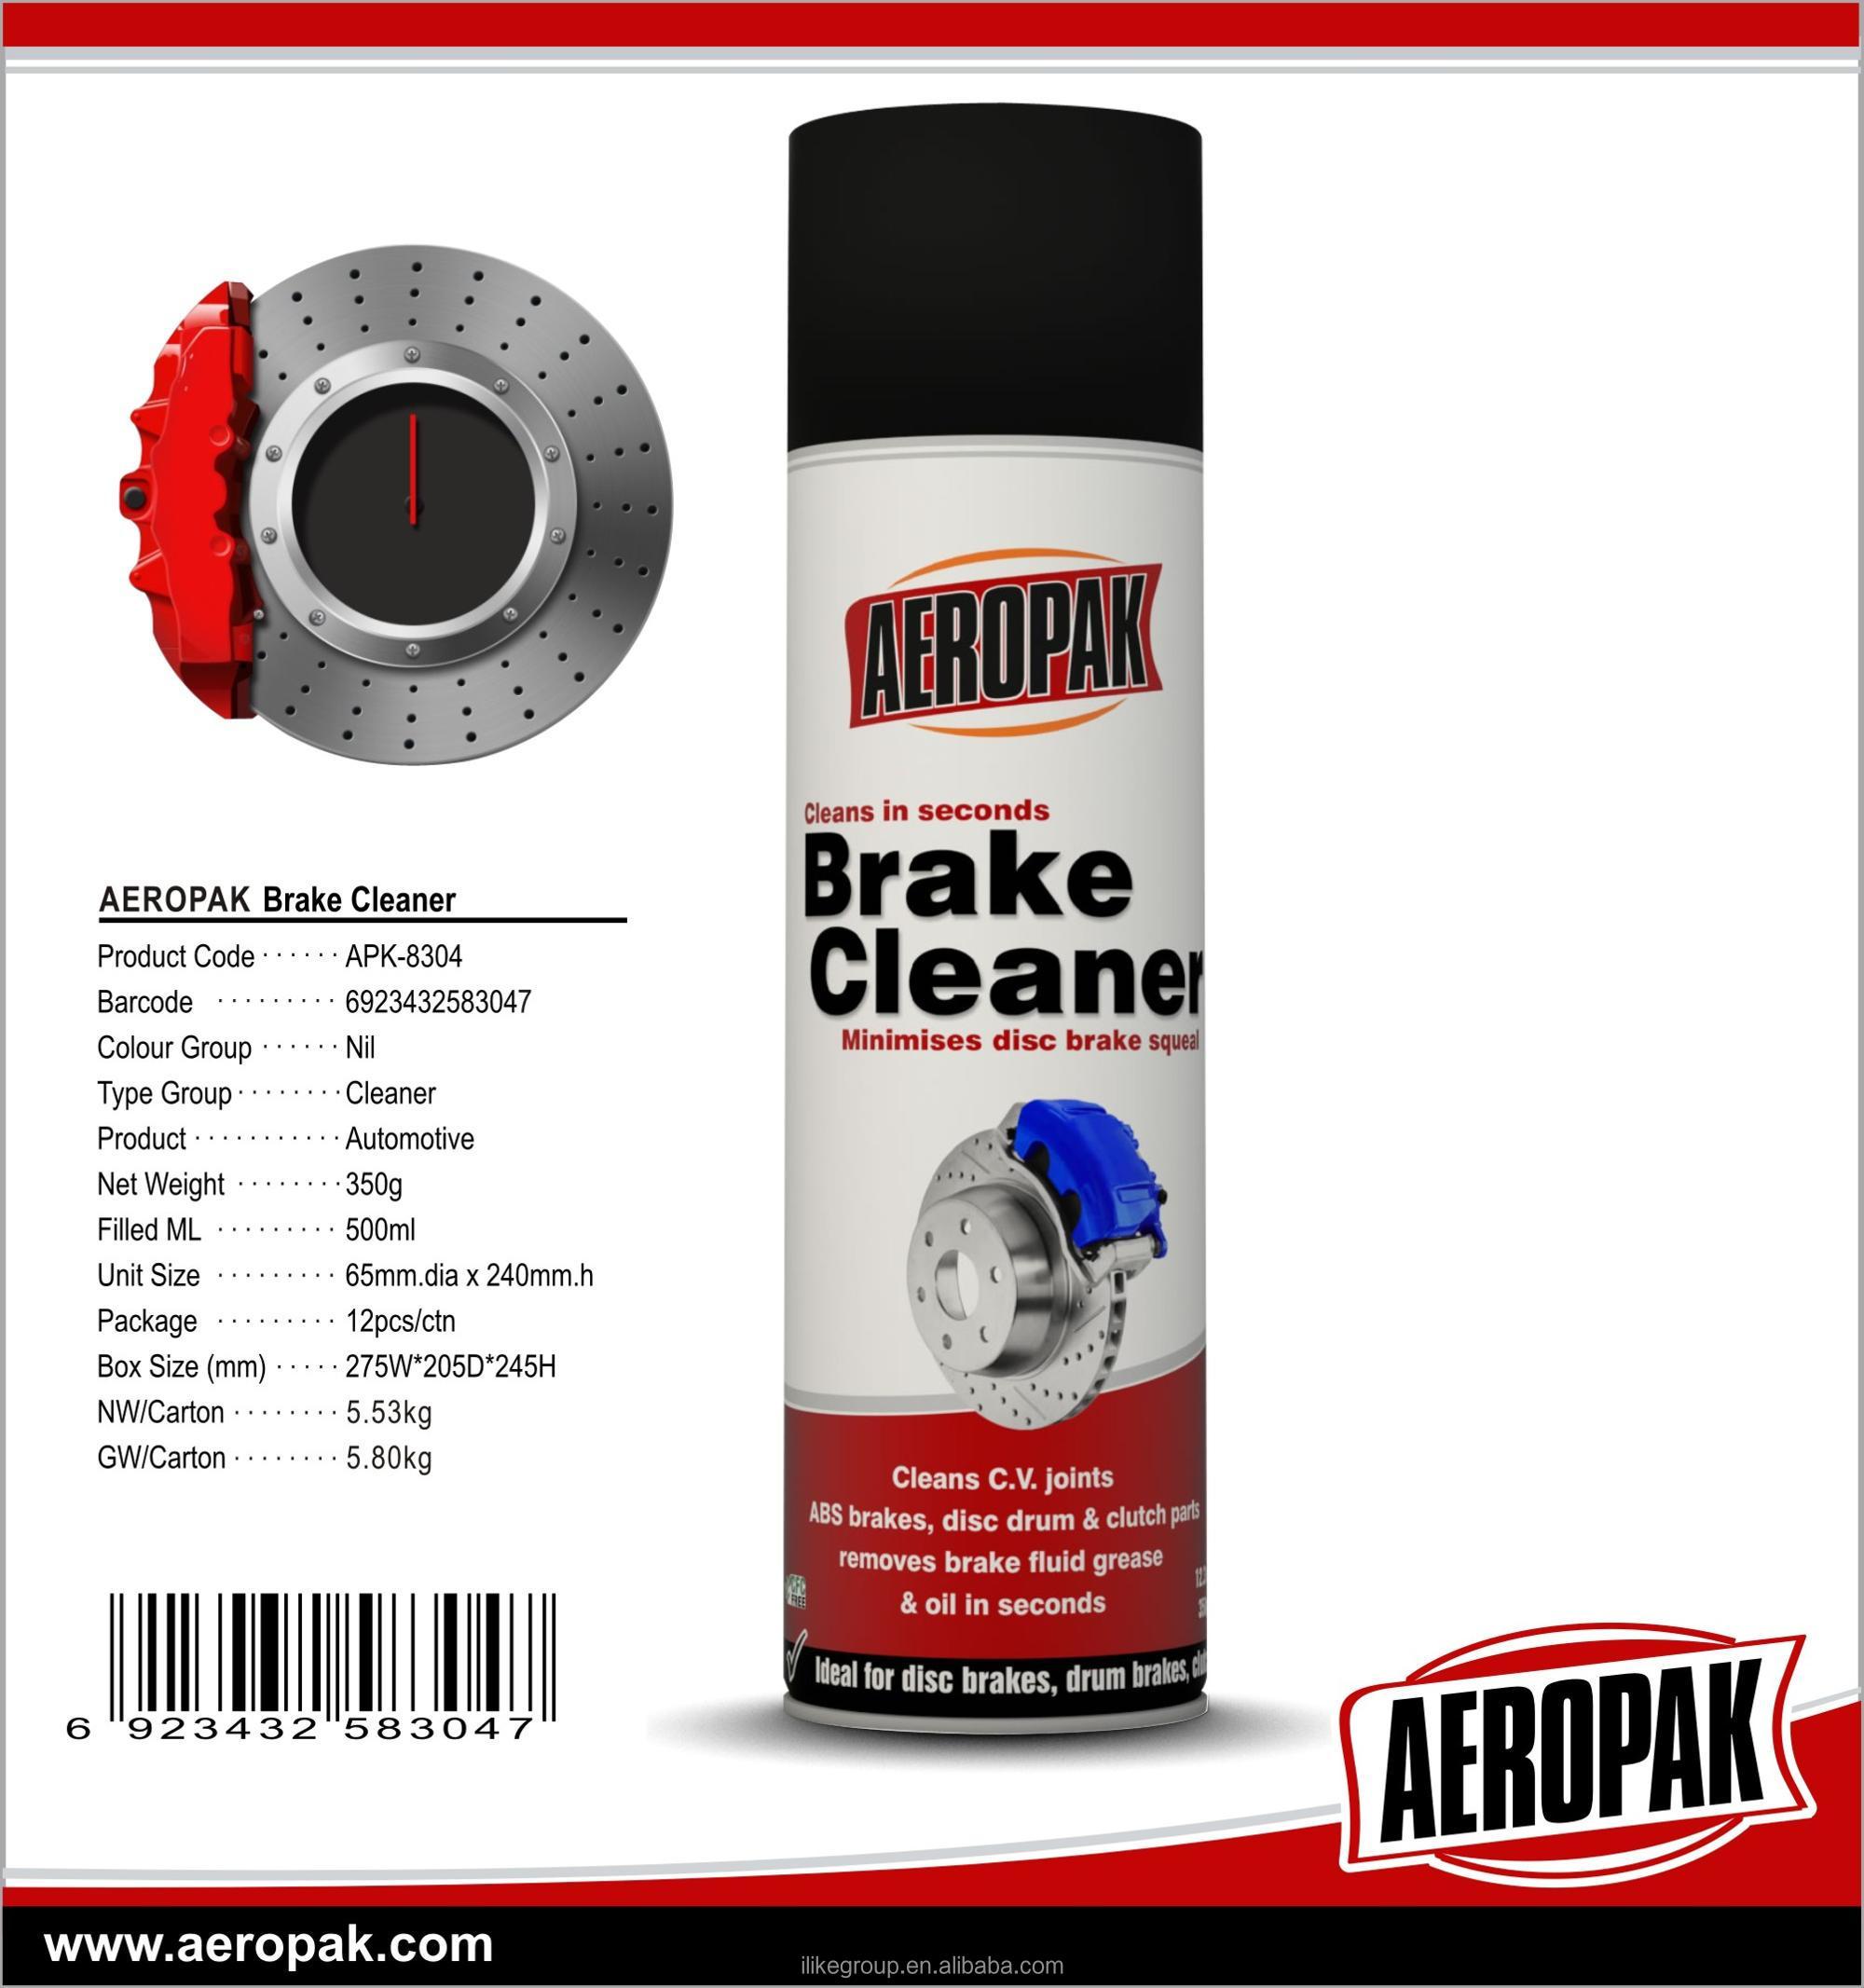 Harga Jual Aspira 12 Dot3 301 Brake Fluid Dot 3 Super Heavy Duty Seiken Minyak Rem Netral Merah 1 Liter Break Cleaner Suppliers And Manufacturers At